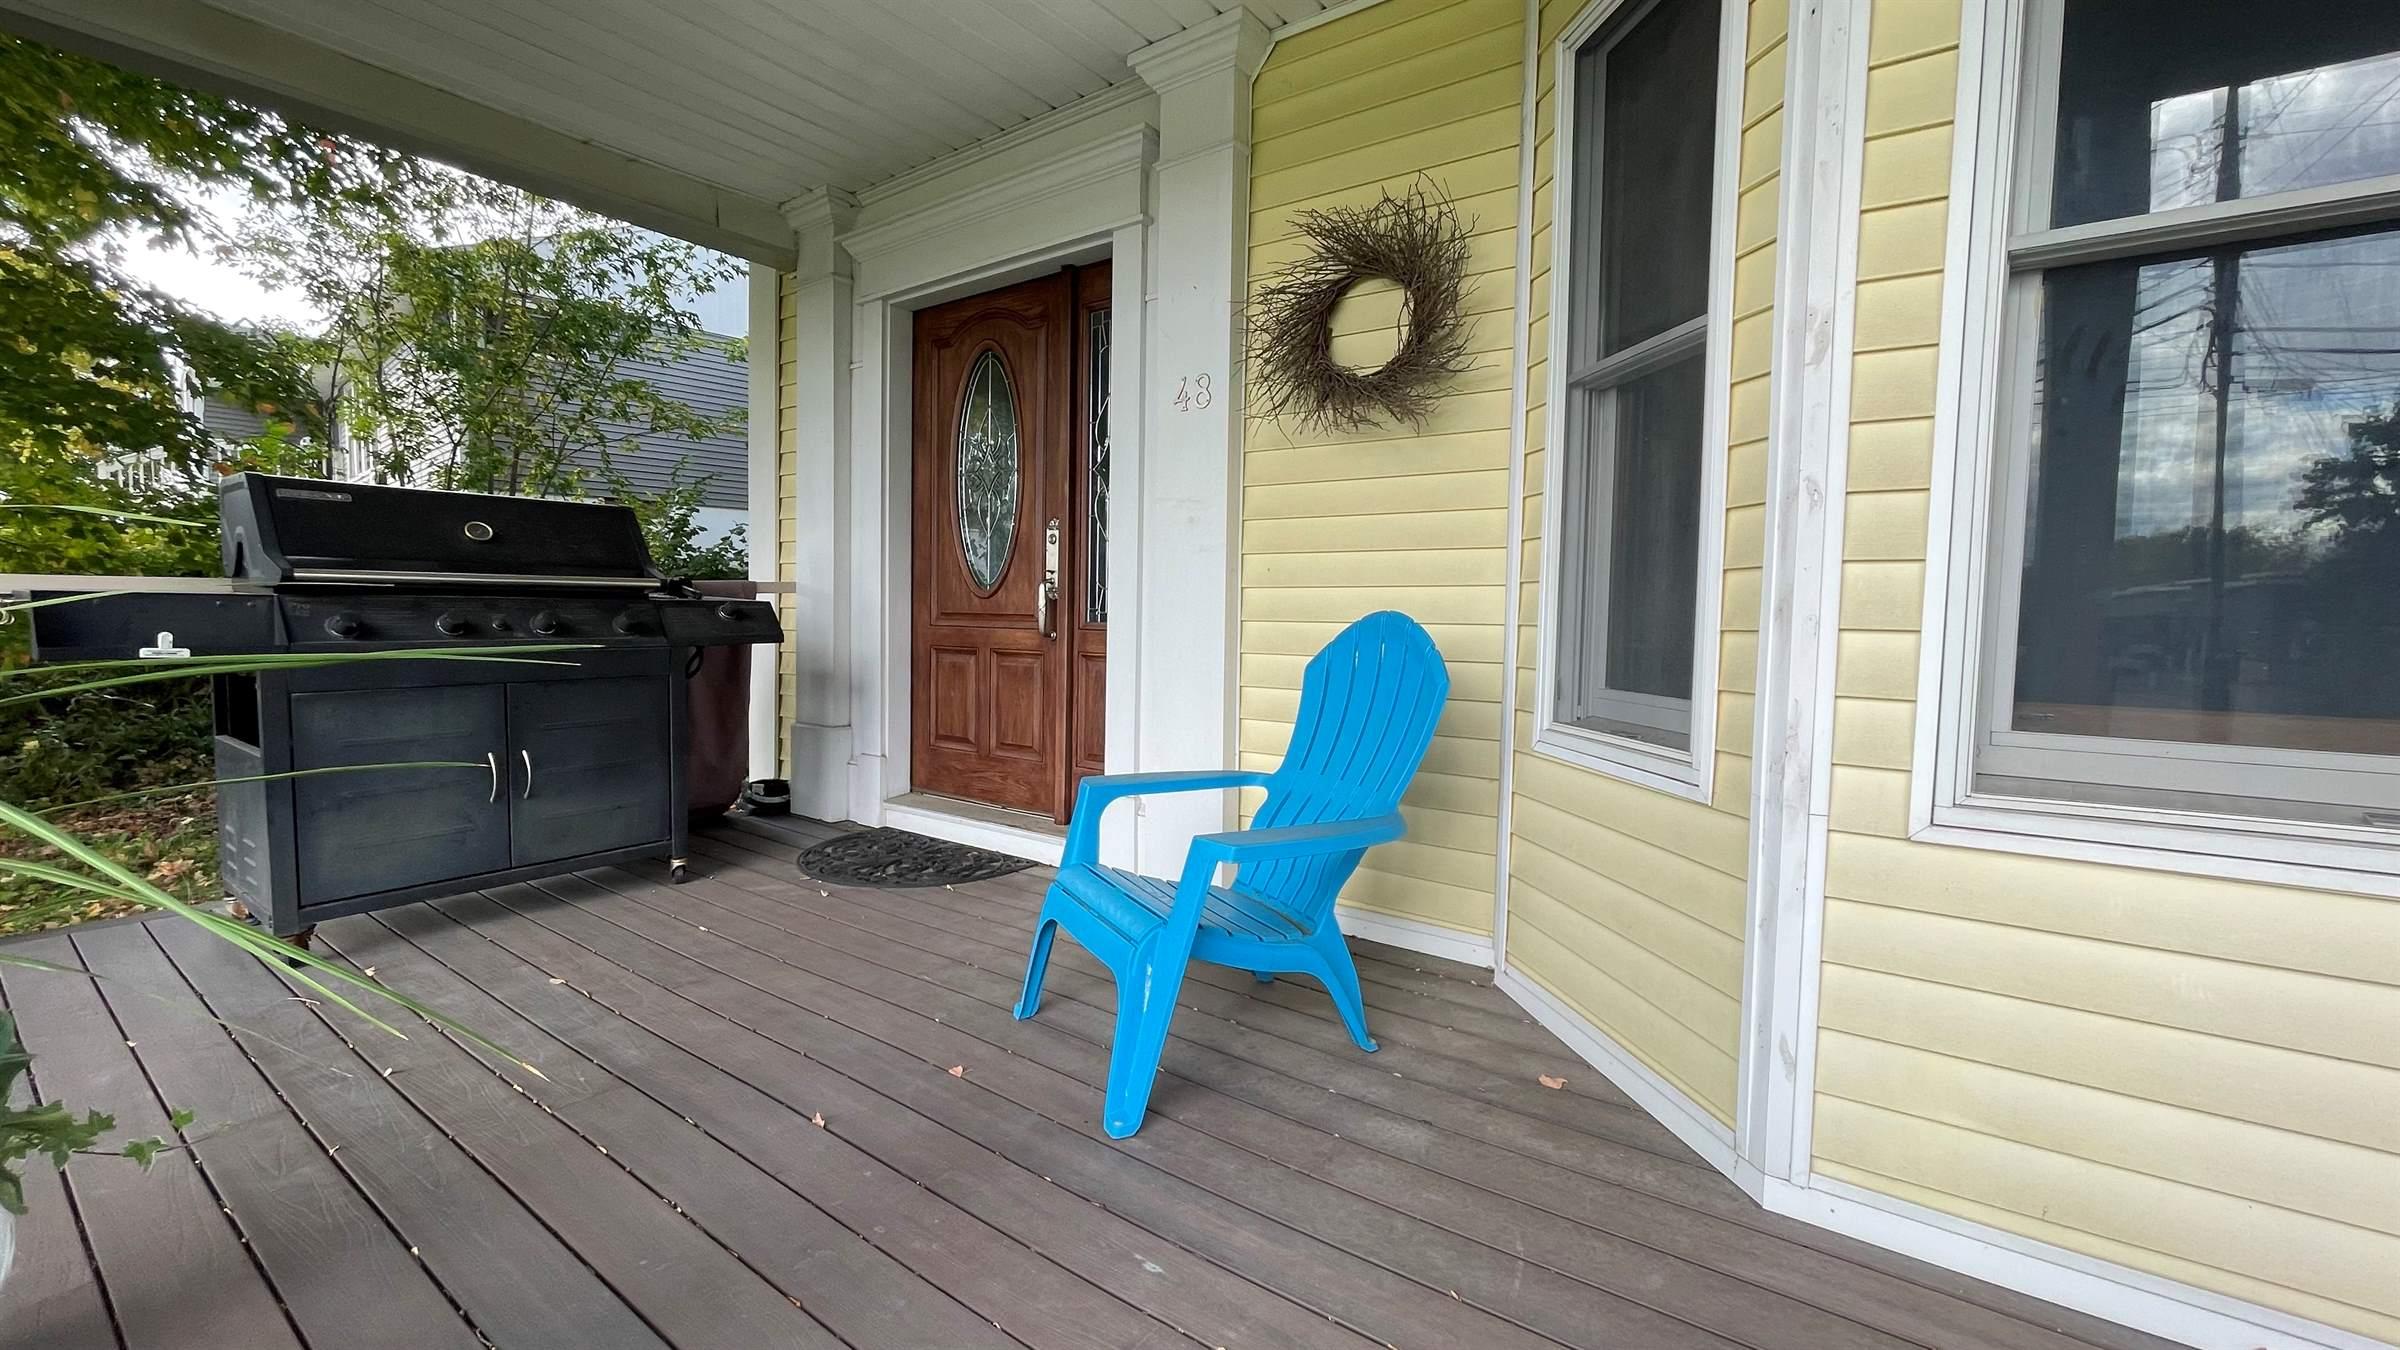 48 Mechanic Street, Presque Isle, ME 04769